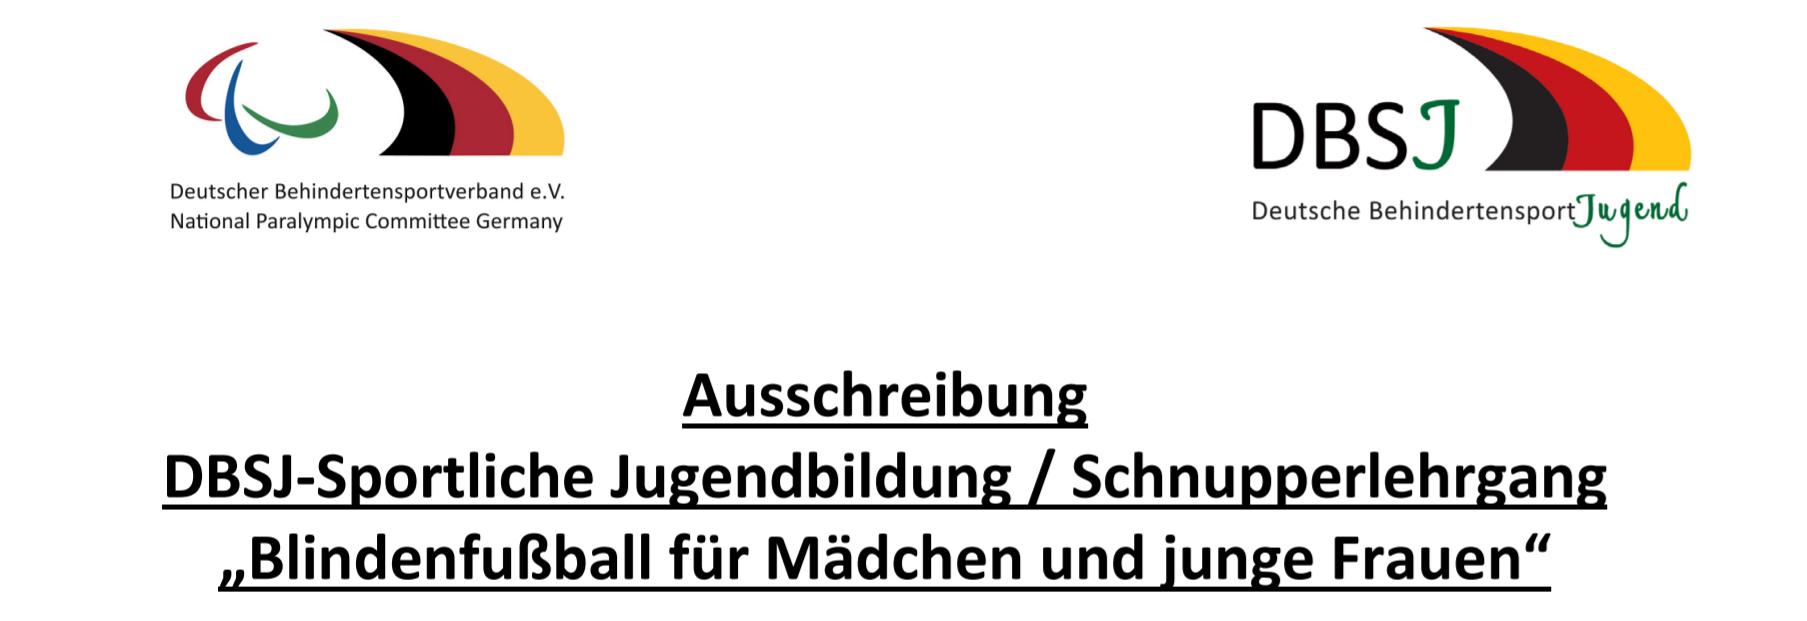 In Hamburg findet ein Blindenfußball-Schnupperkurs für junge Mädchen und Frauen statt. Logorechte: DBS